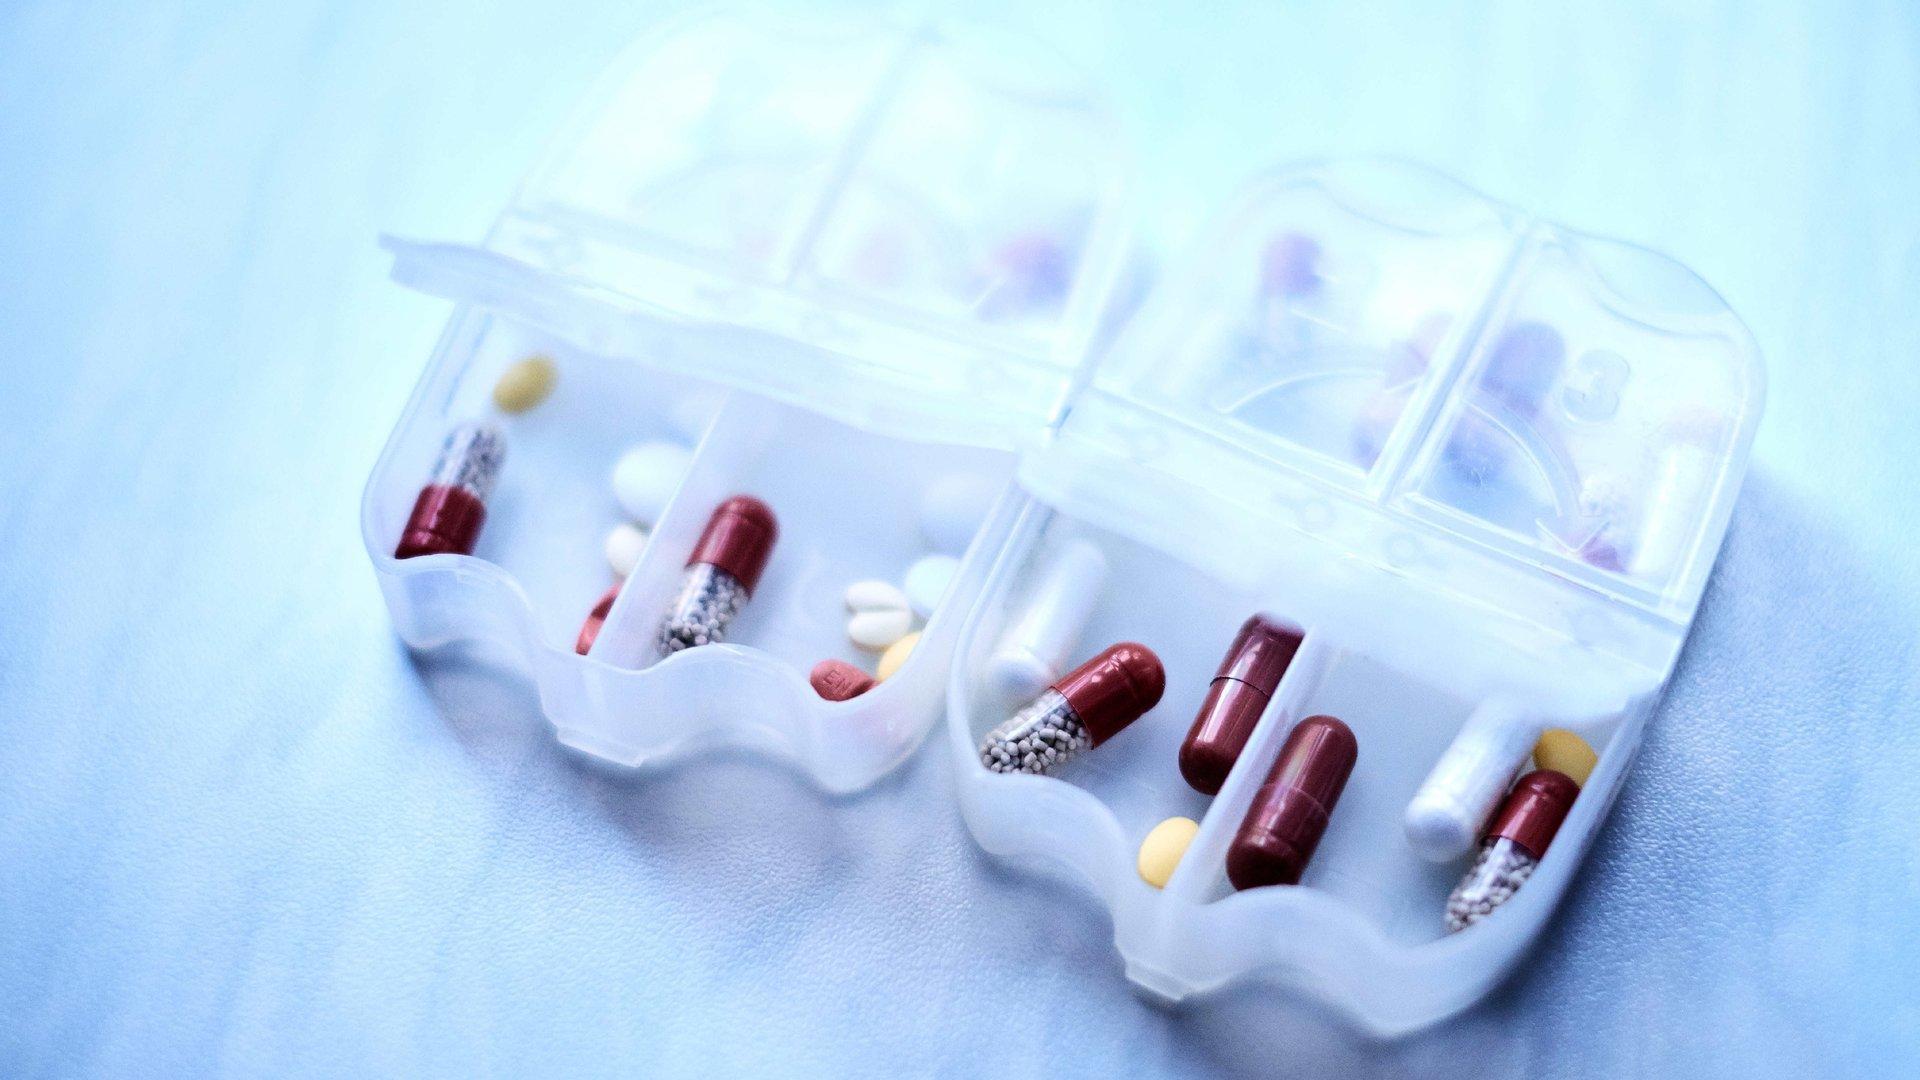 Вспомогательные вещества в лекарствах могут вызывать аллергические реакции